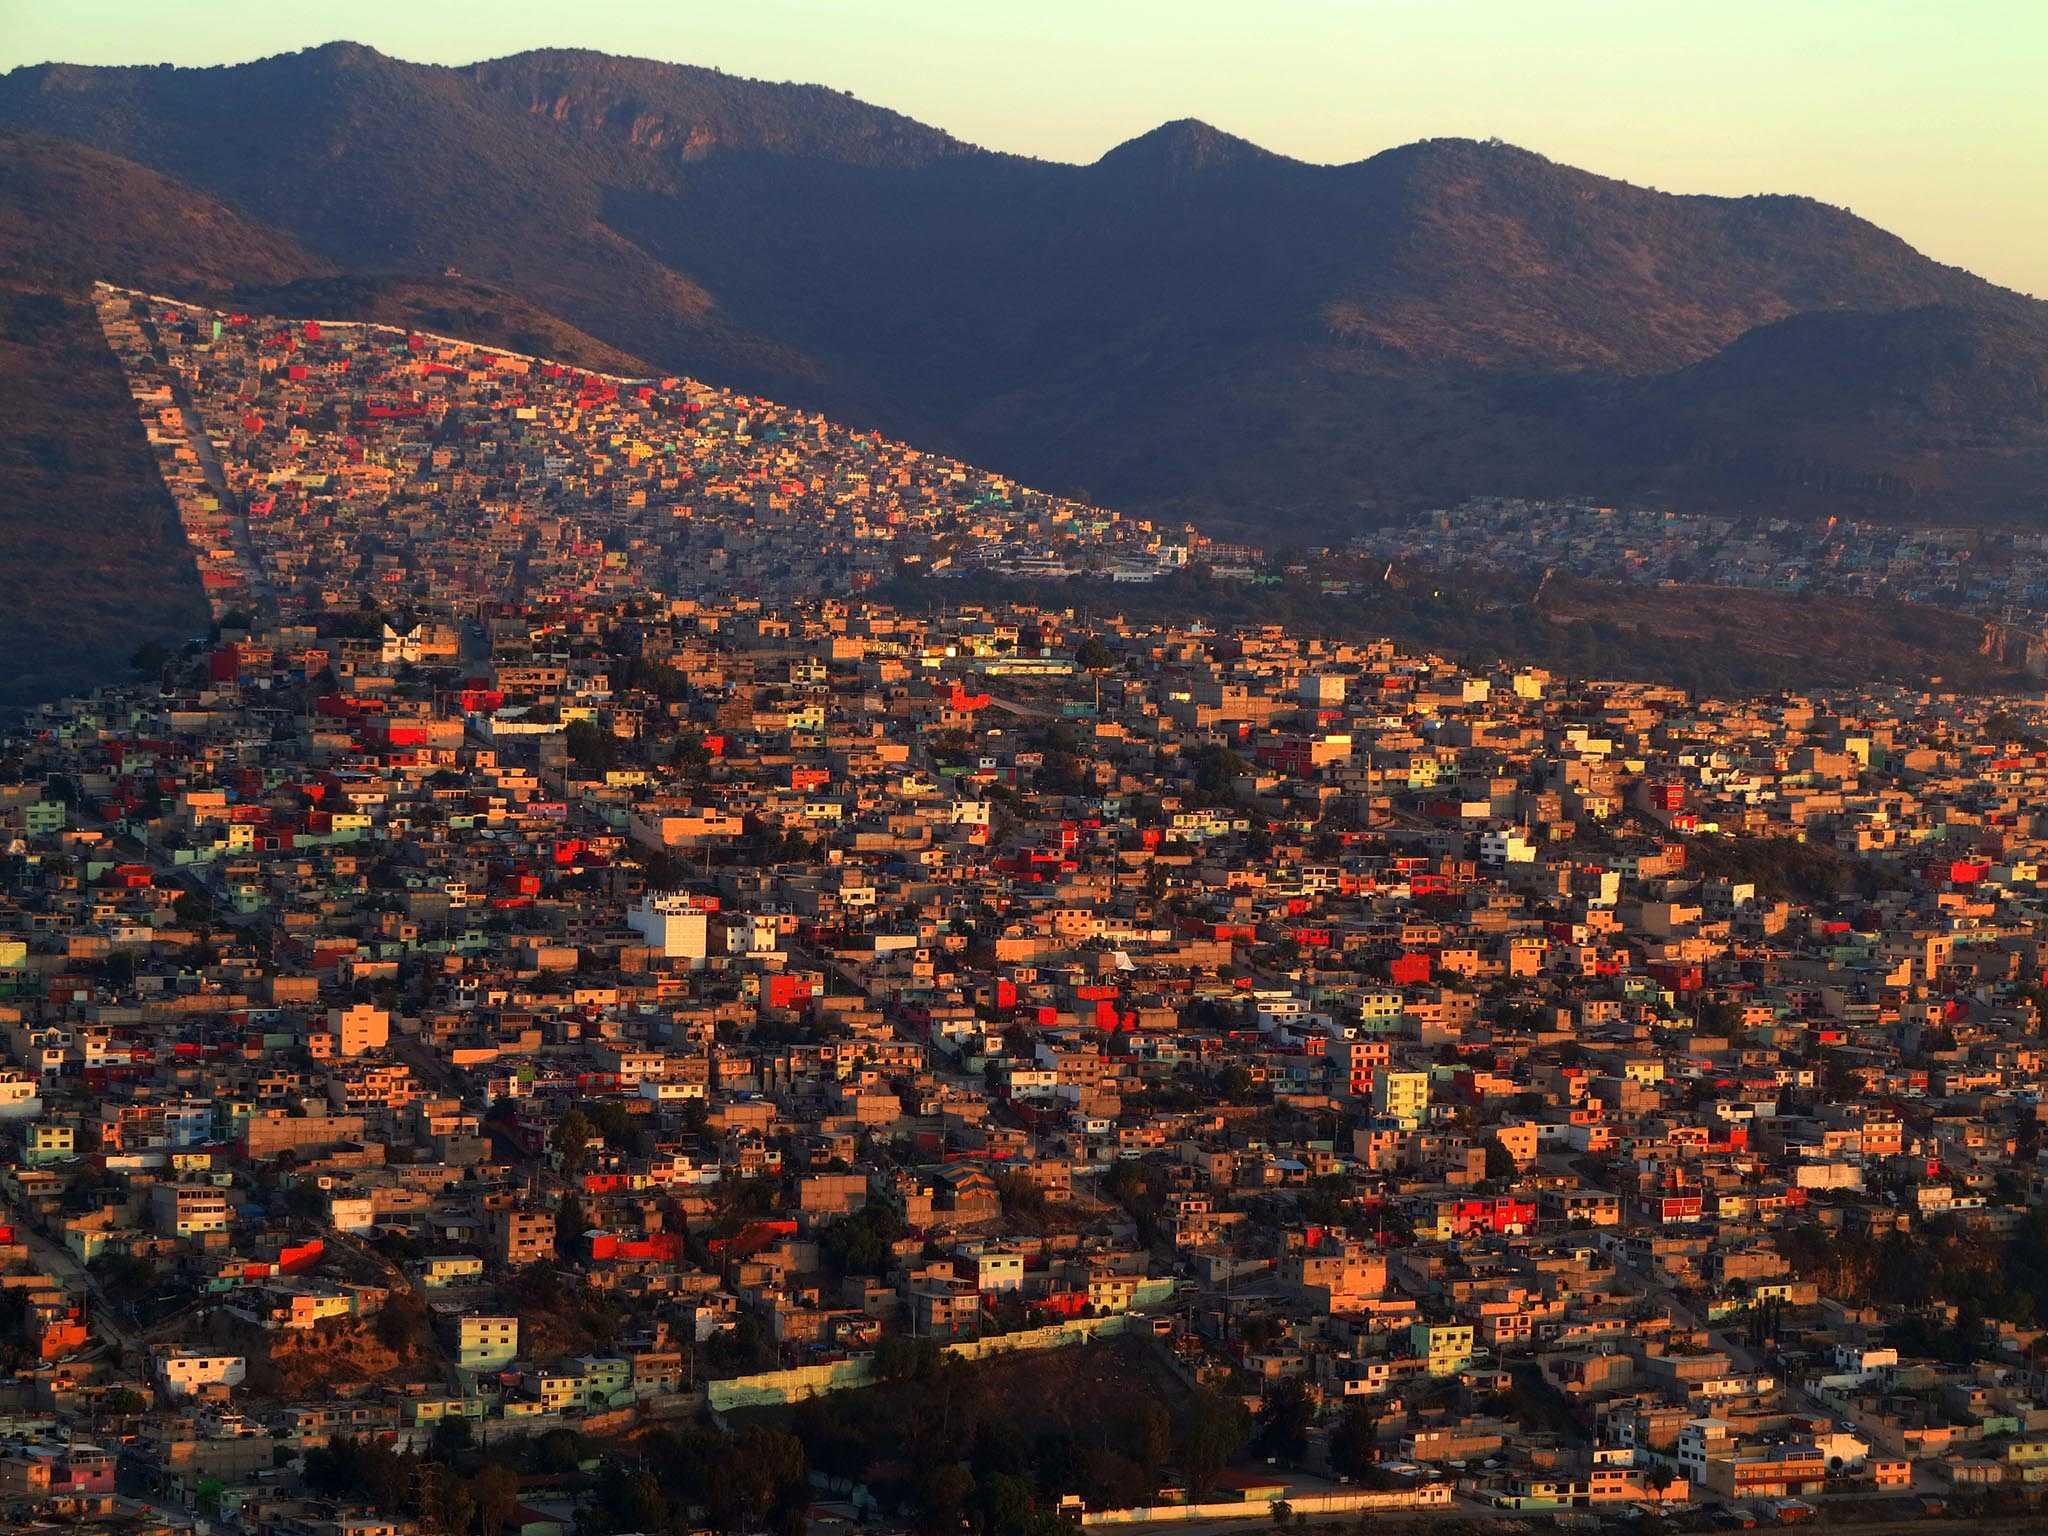 Nuevas urbanizaciones generan conflictos, señala experta